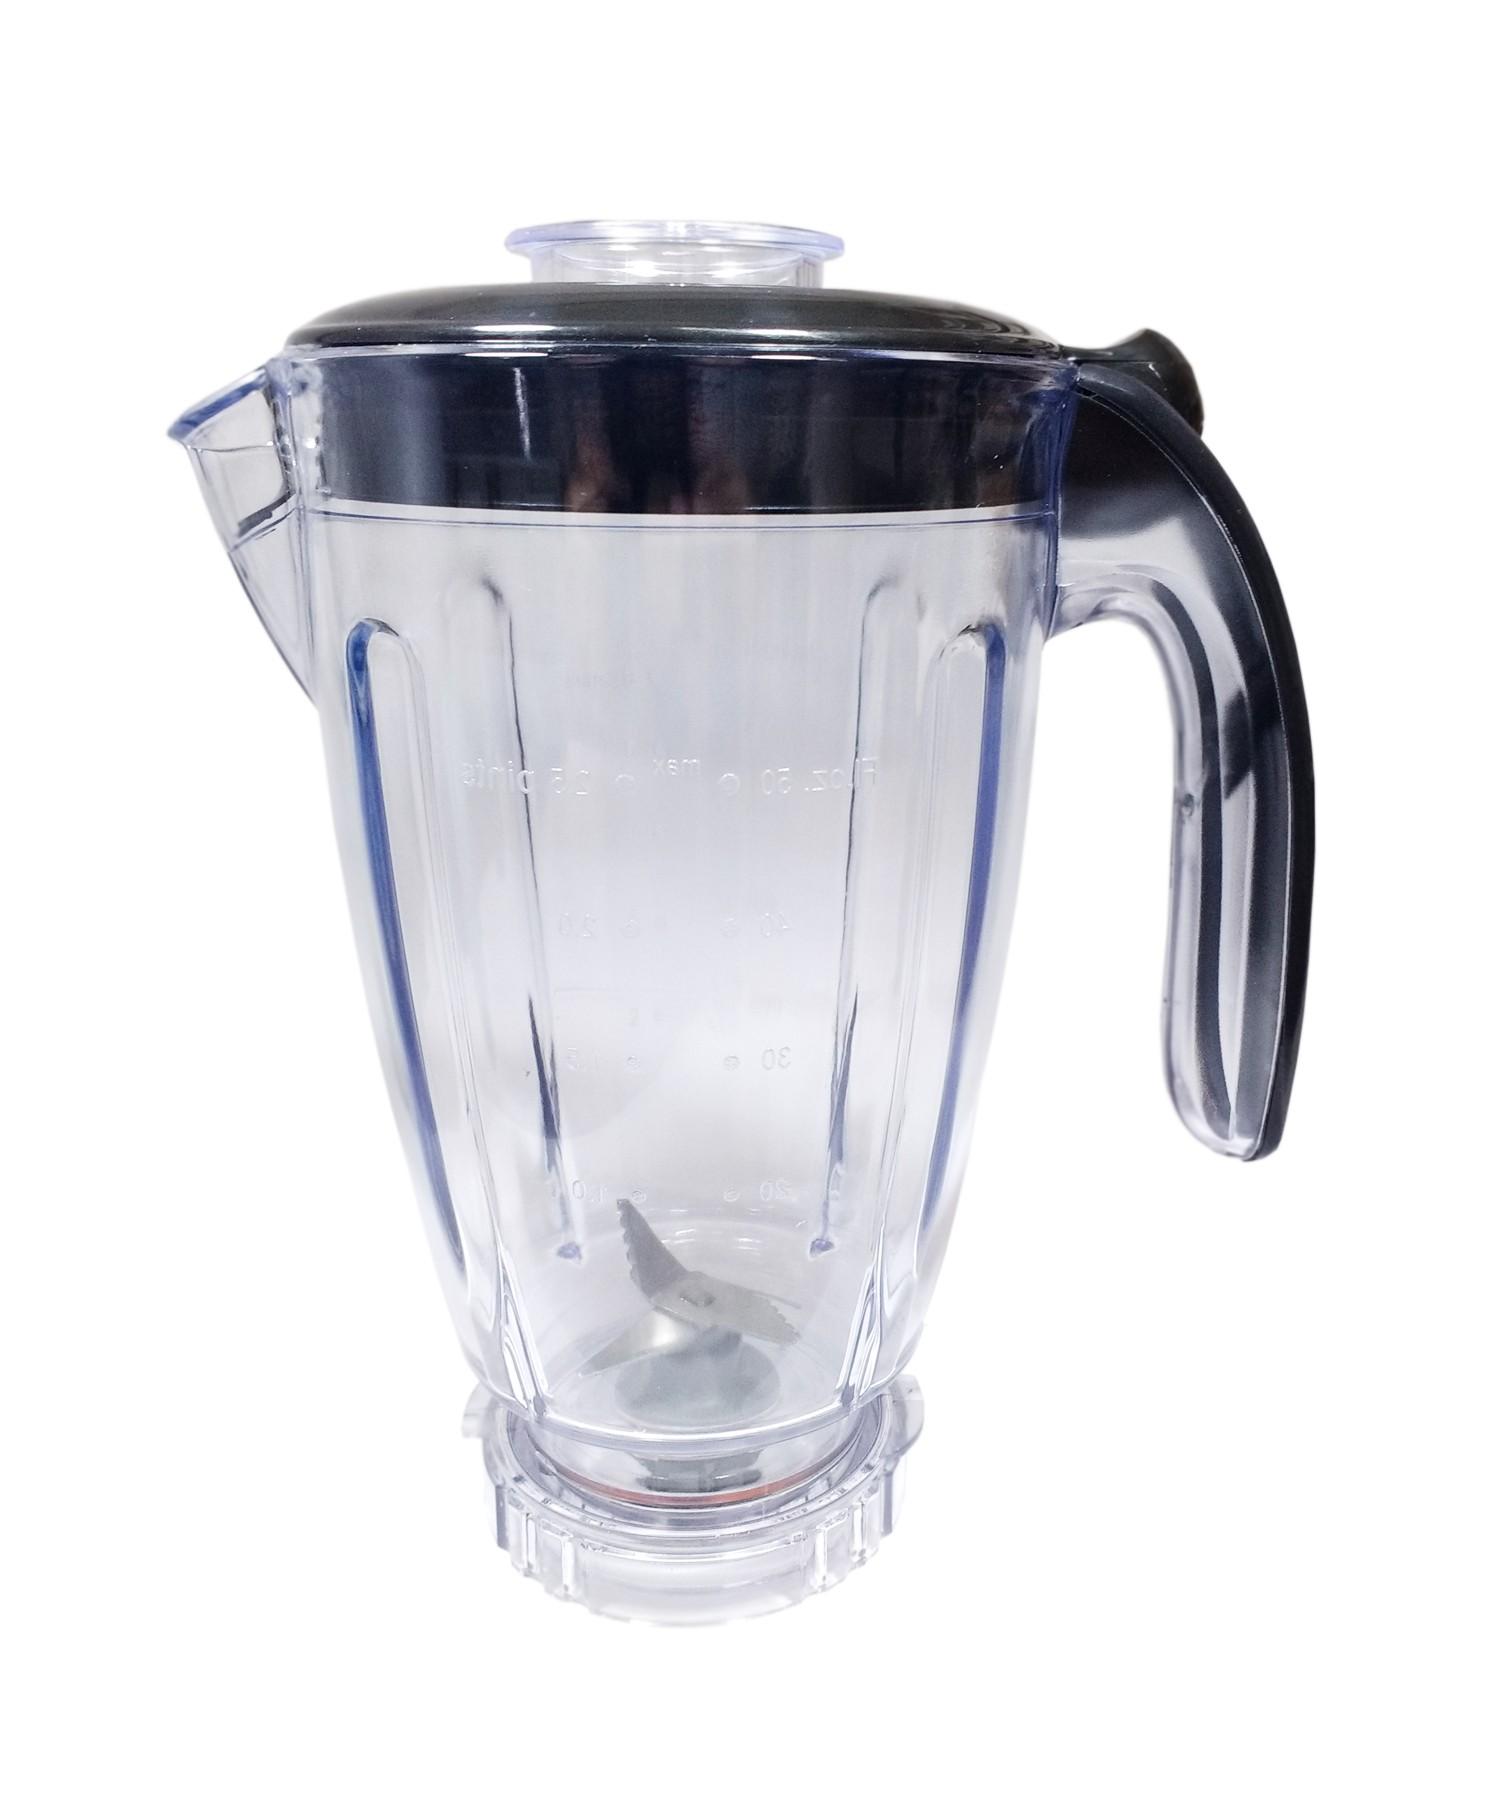 Copo para Liquidificador Walita RI 2044 - Micromax